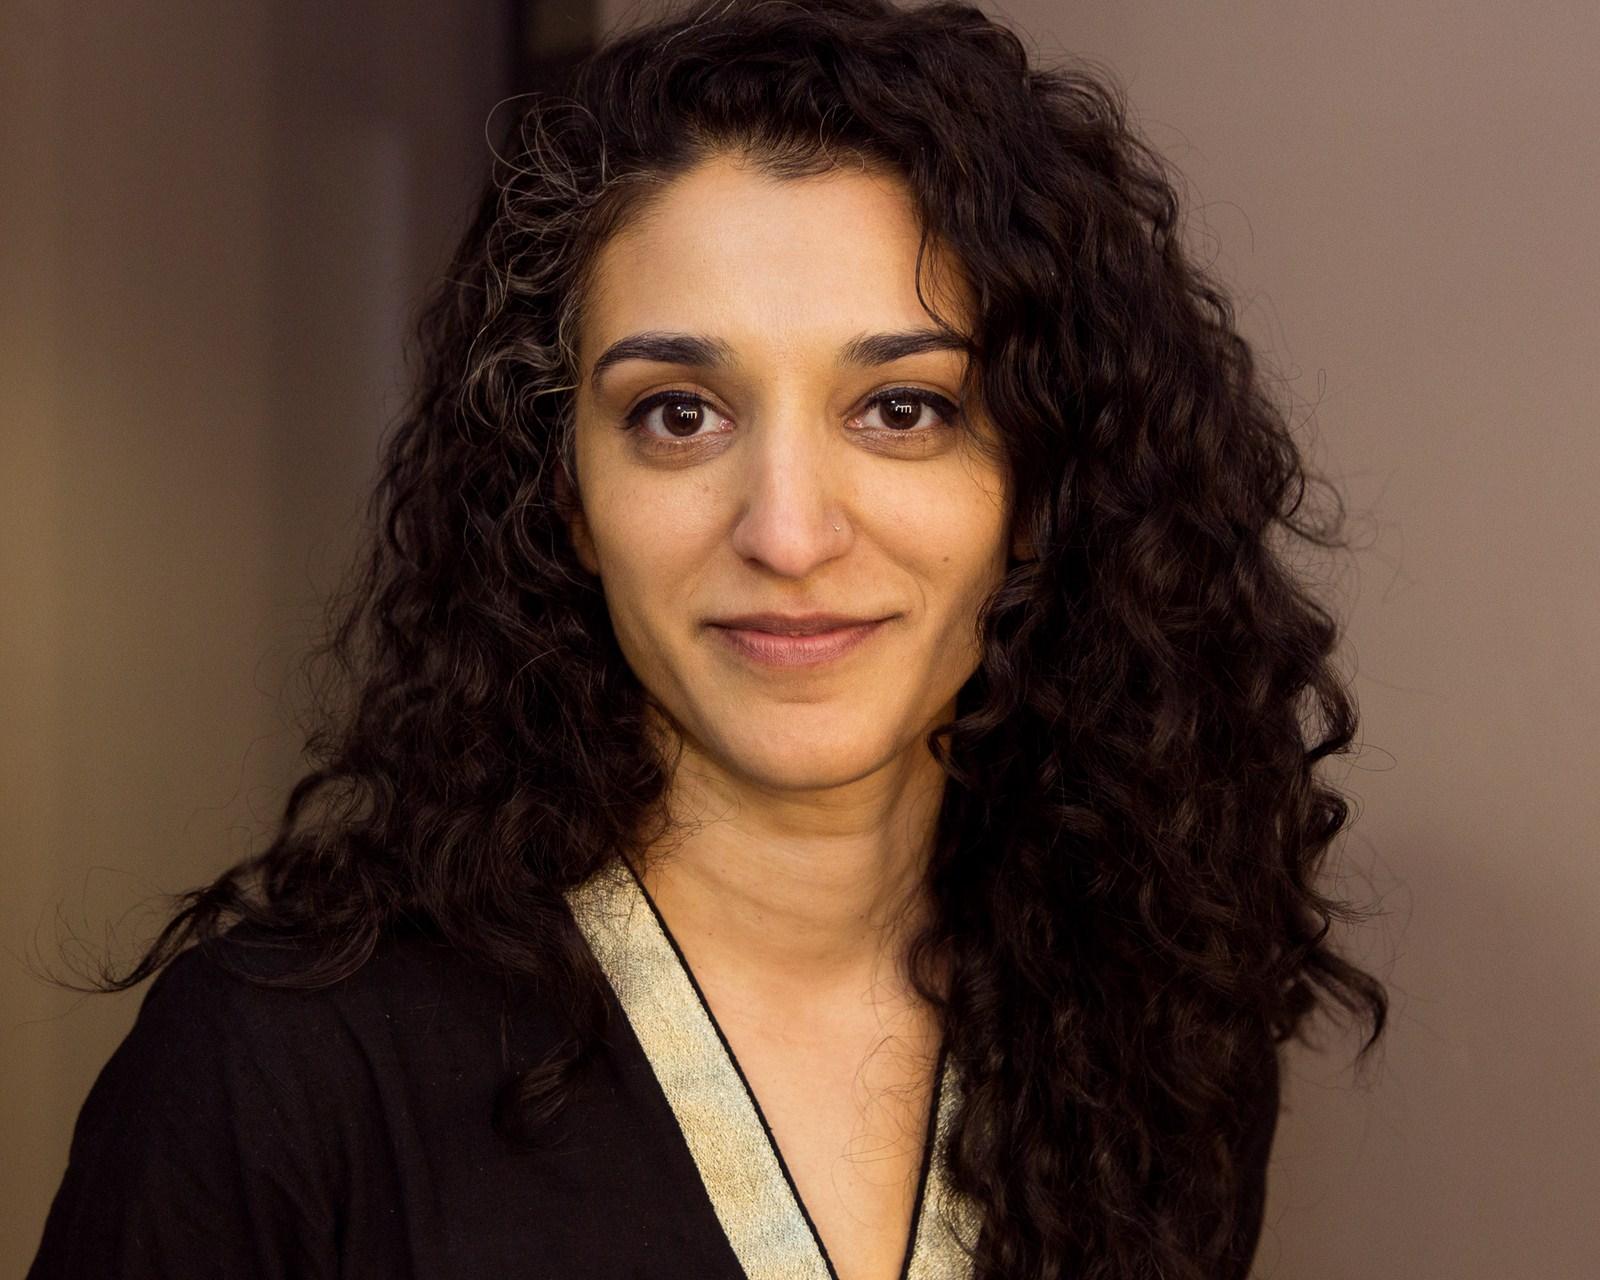 Namrata Tripathi